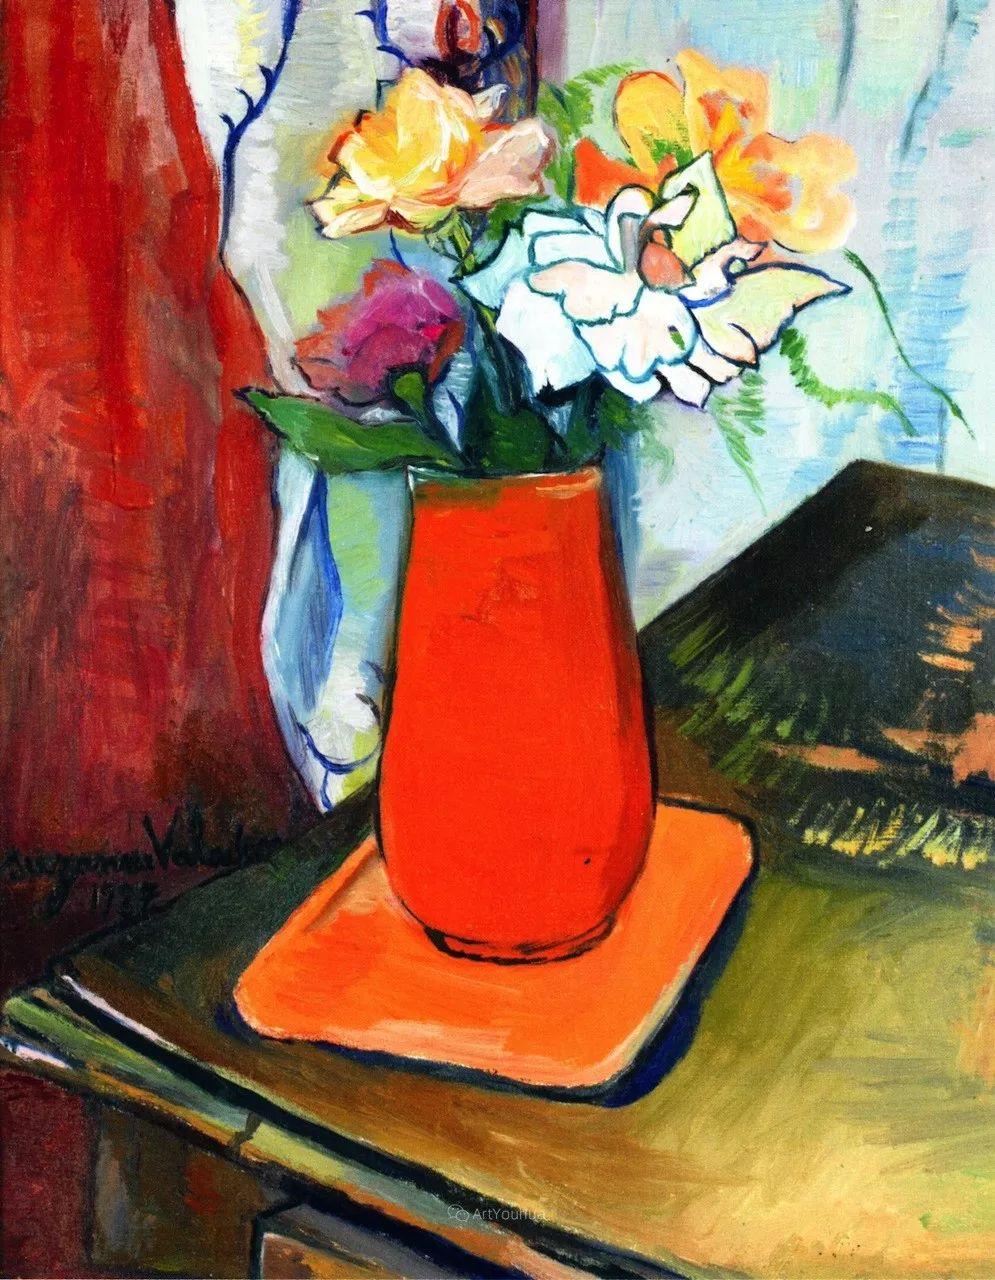 法国美术家协会第一个女性成员——苏珊娜·瓦拉东插图23